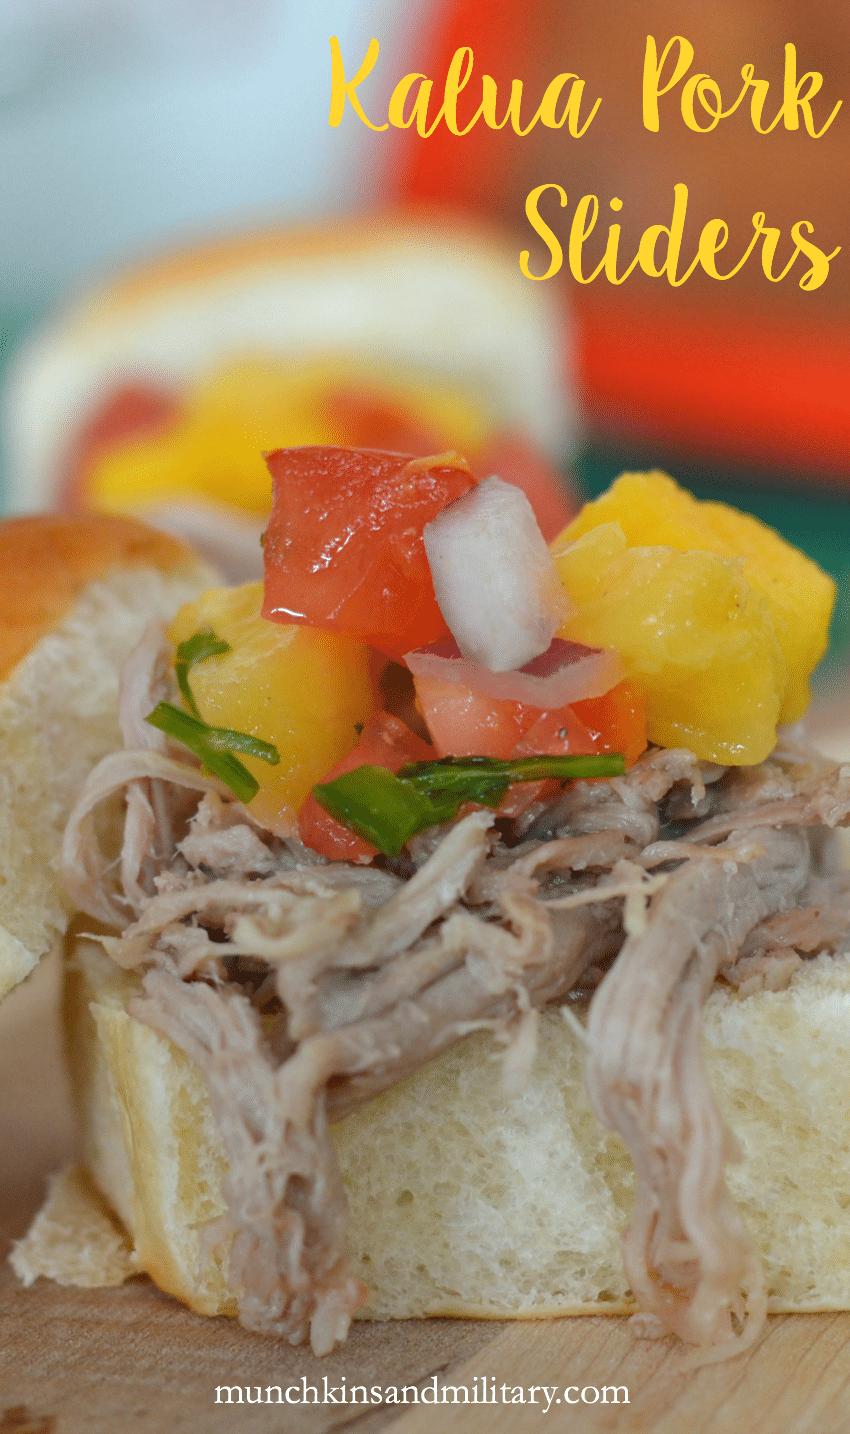 Kalua Pork Tacos with Pineapple Salsa Recipe - Everyday Southwest